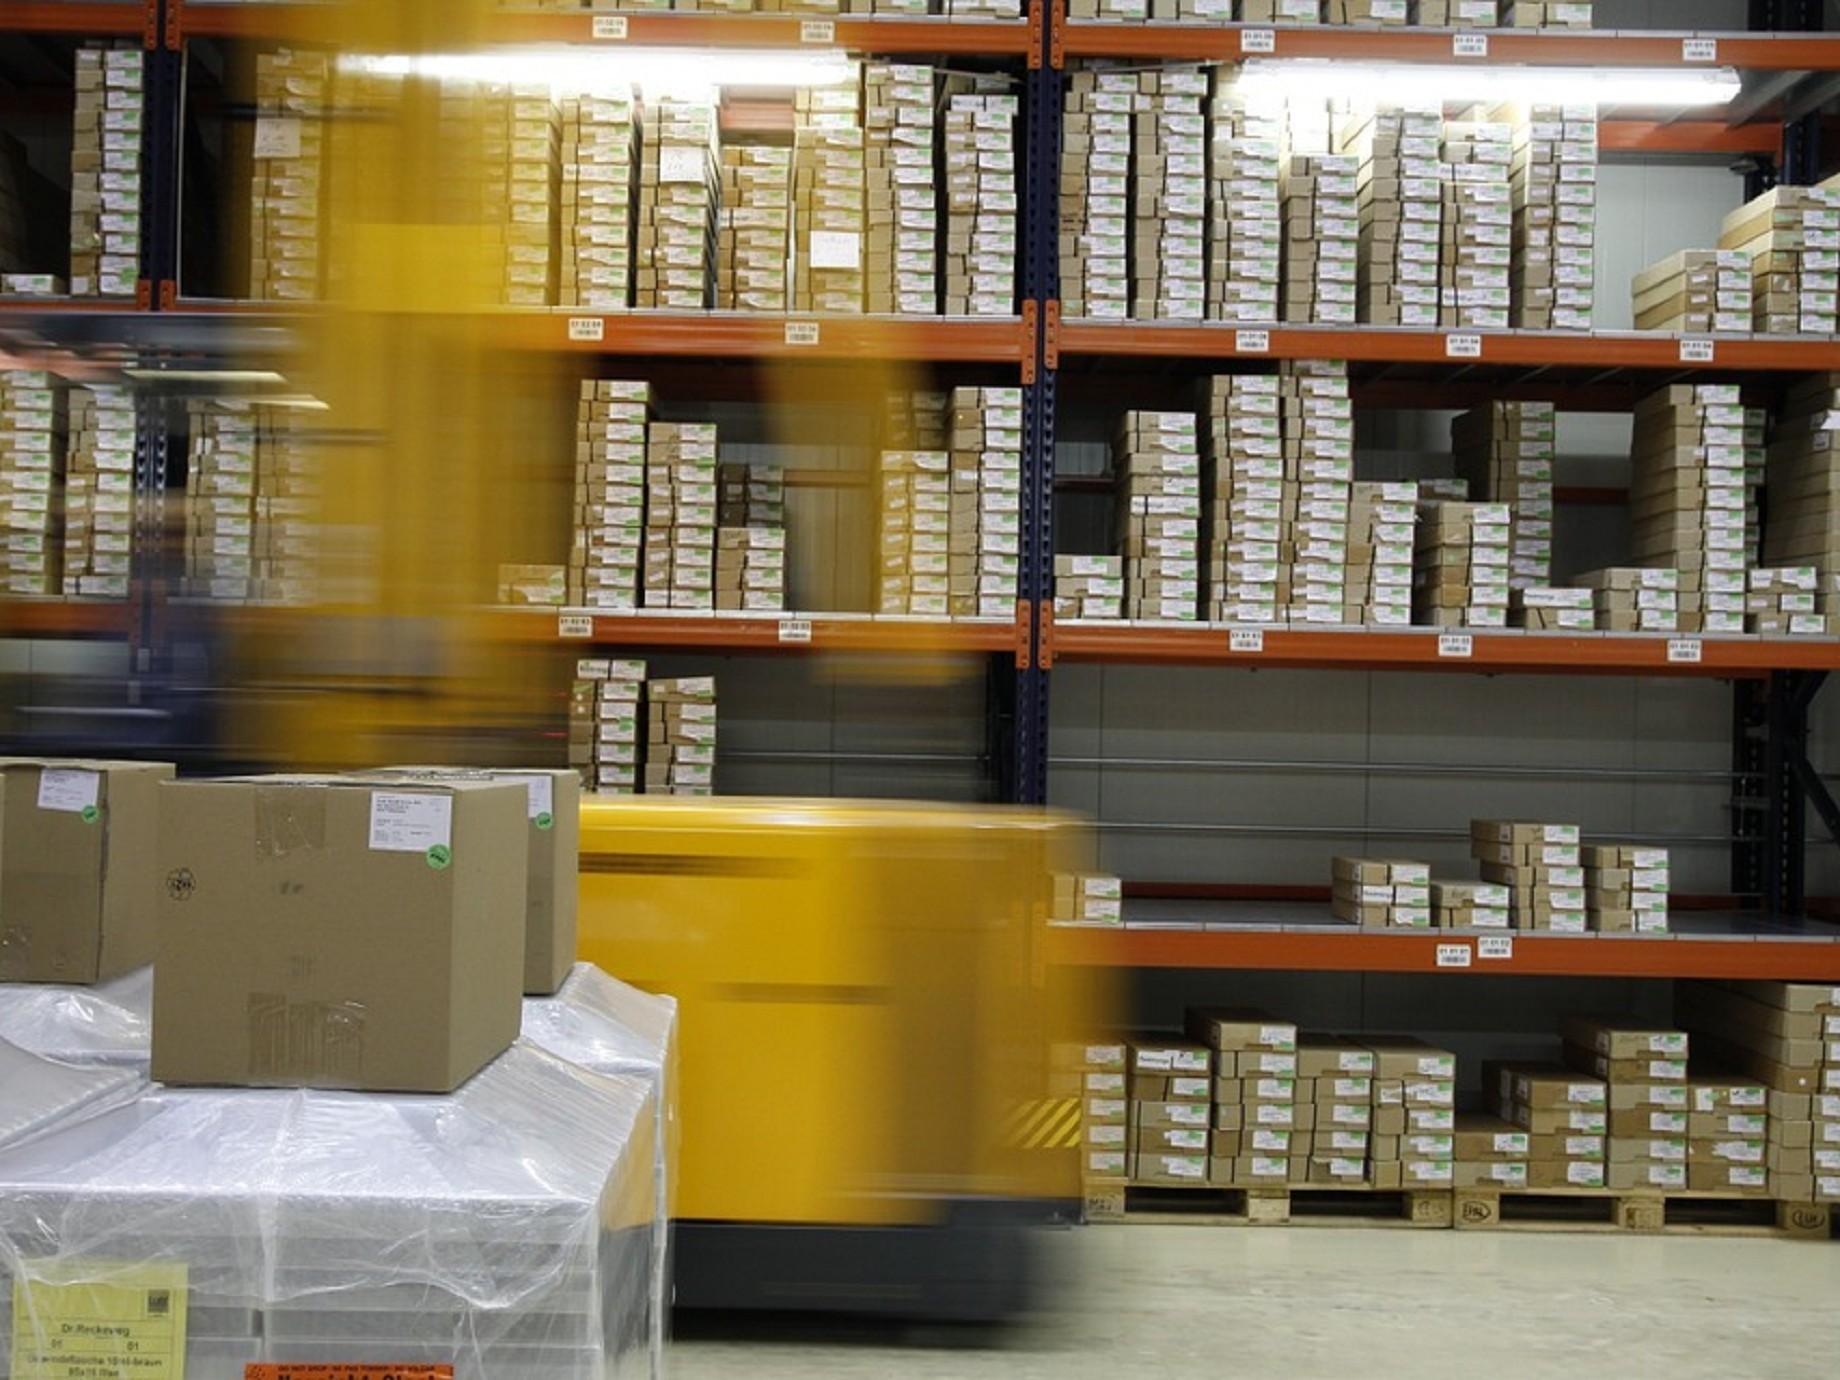 電商邁入成熟期,重視自建倉儲物流維繫業績成長